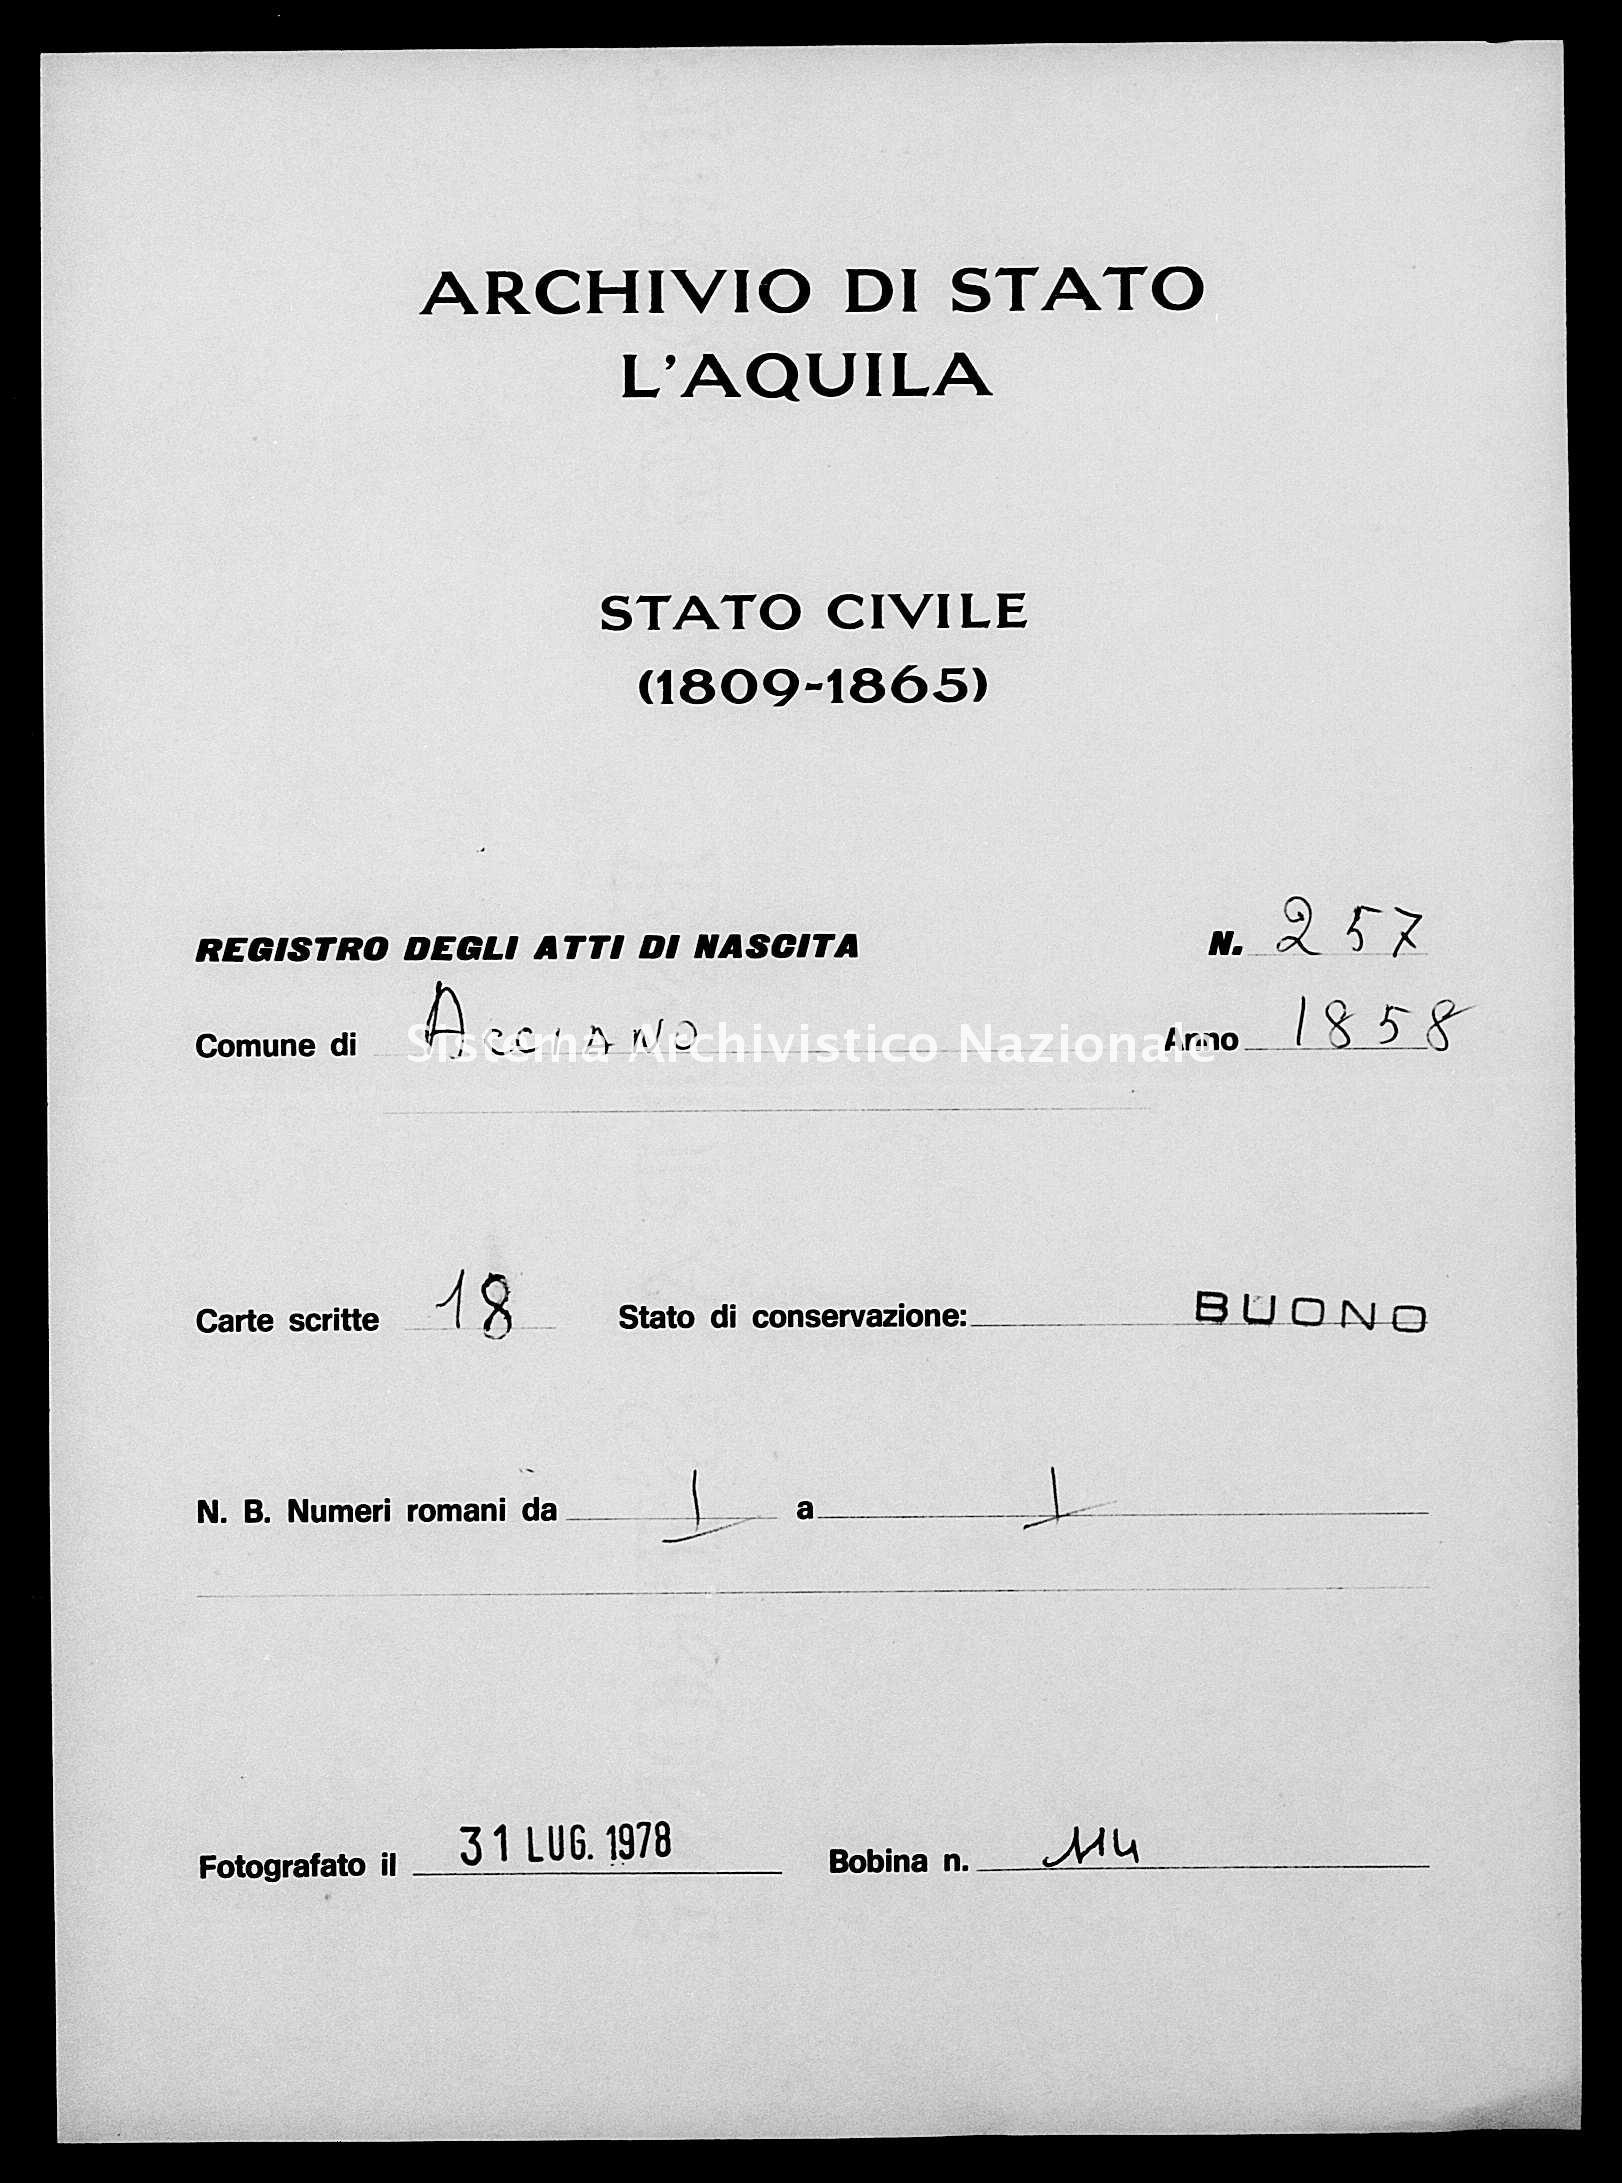 Archivio di stato di L'aquila - Stato civile della restaurazione - Acciano - Nati - 1858 - 257 -